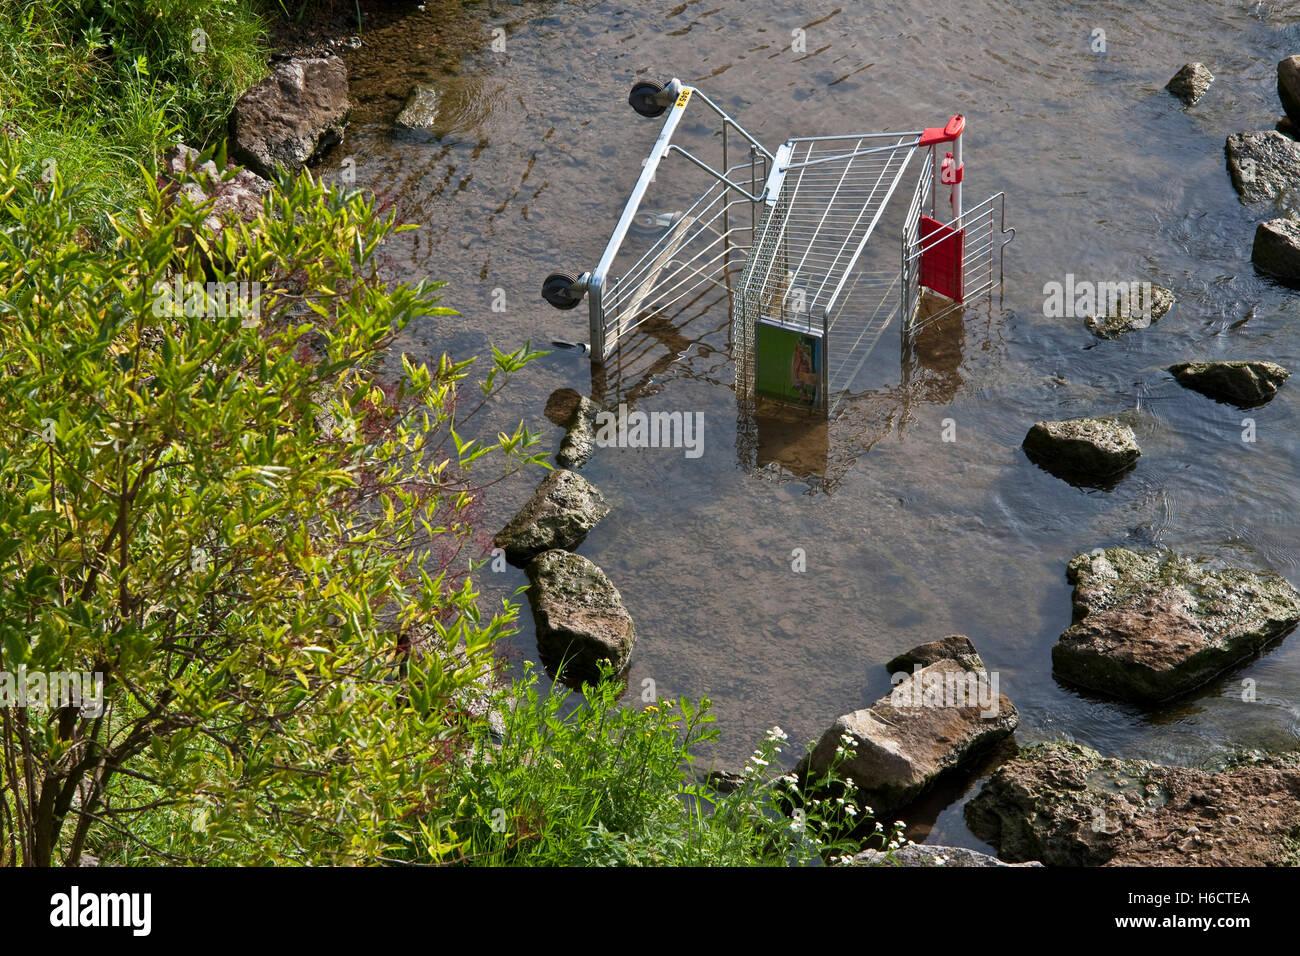 Shopping cart in the Neckar river, discarded, vandalism, destruction, environment, Stuttgart, Baden-Wuerttemberg, - Stock Image